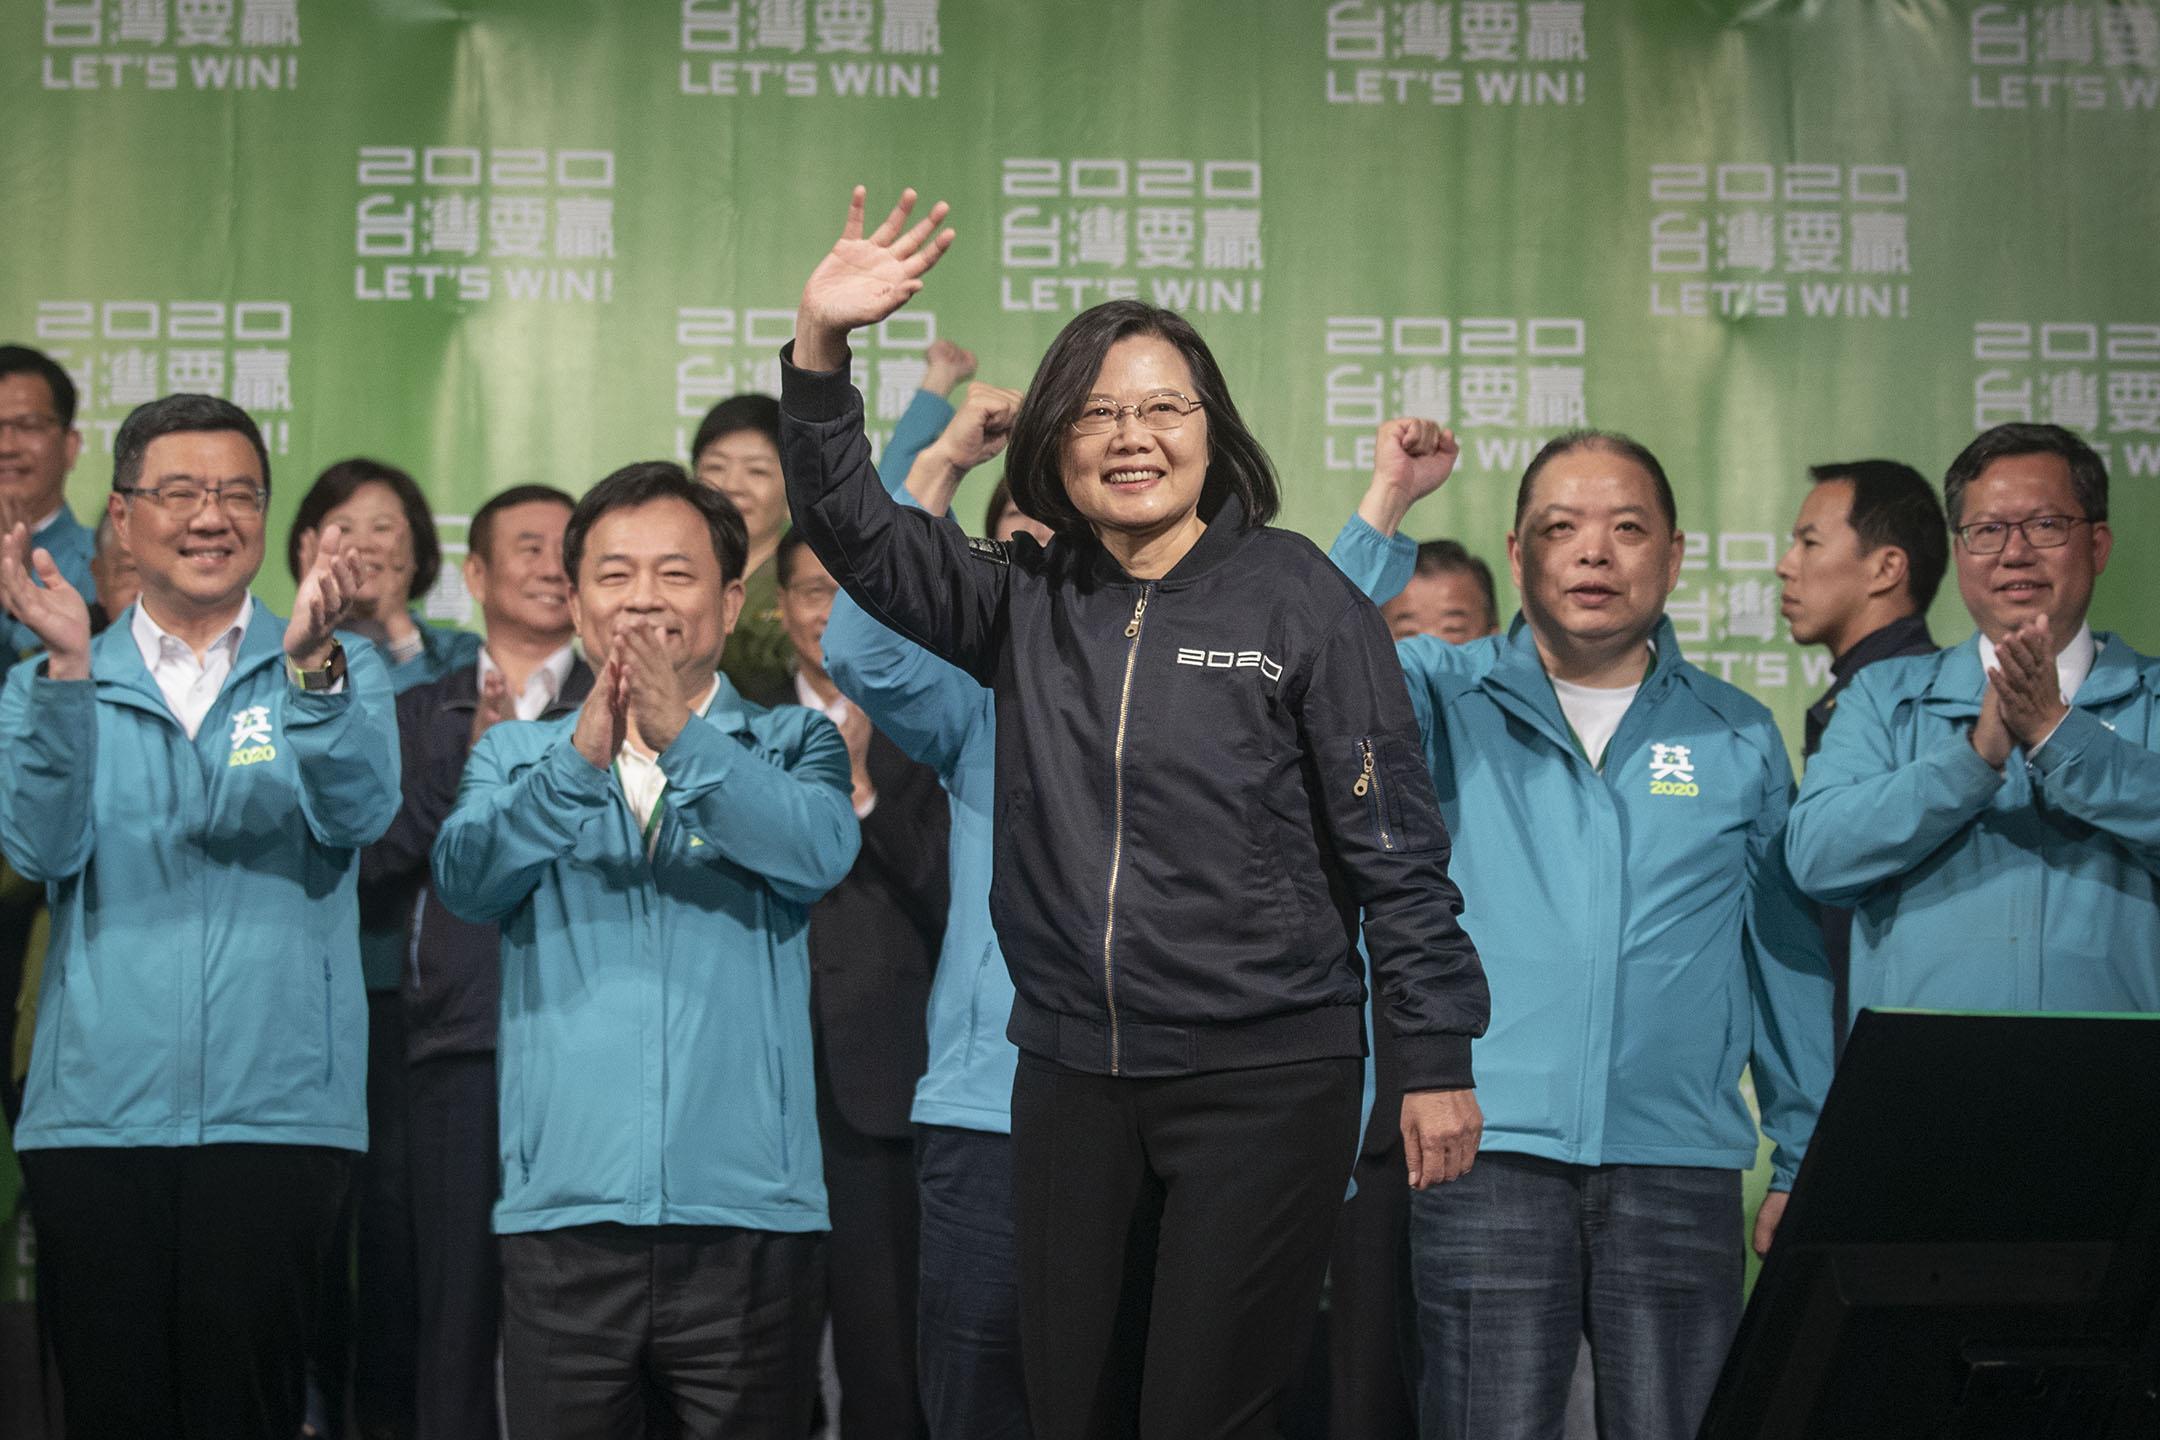 2020年1月11日,蔡英文在民進黨部召開國際記者會,自行宣布當選。